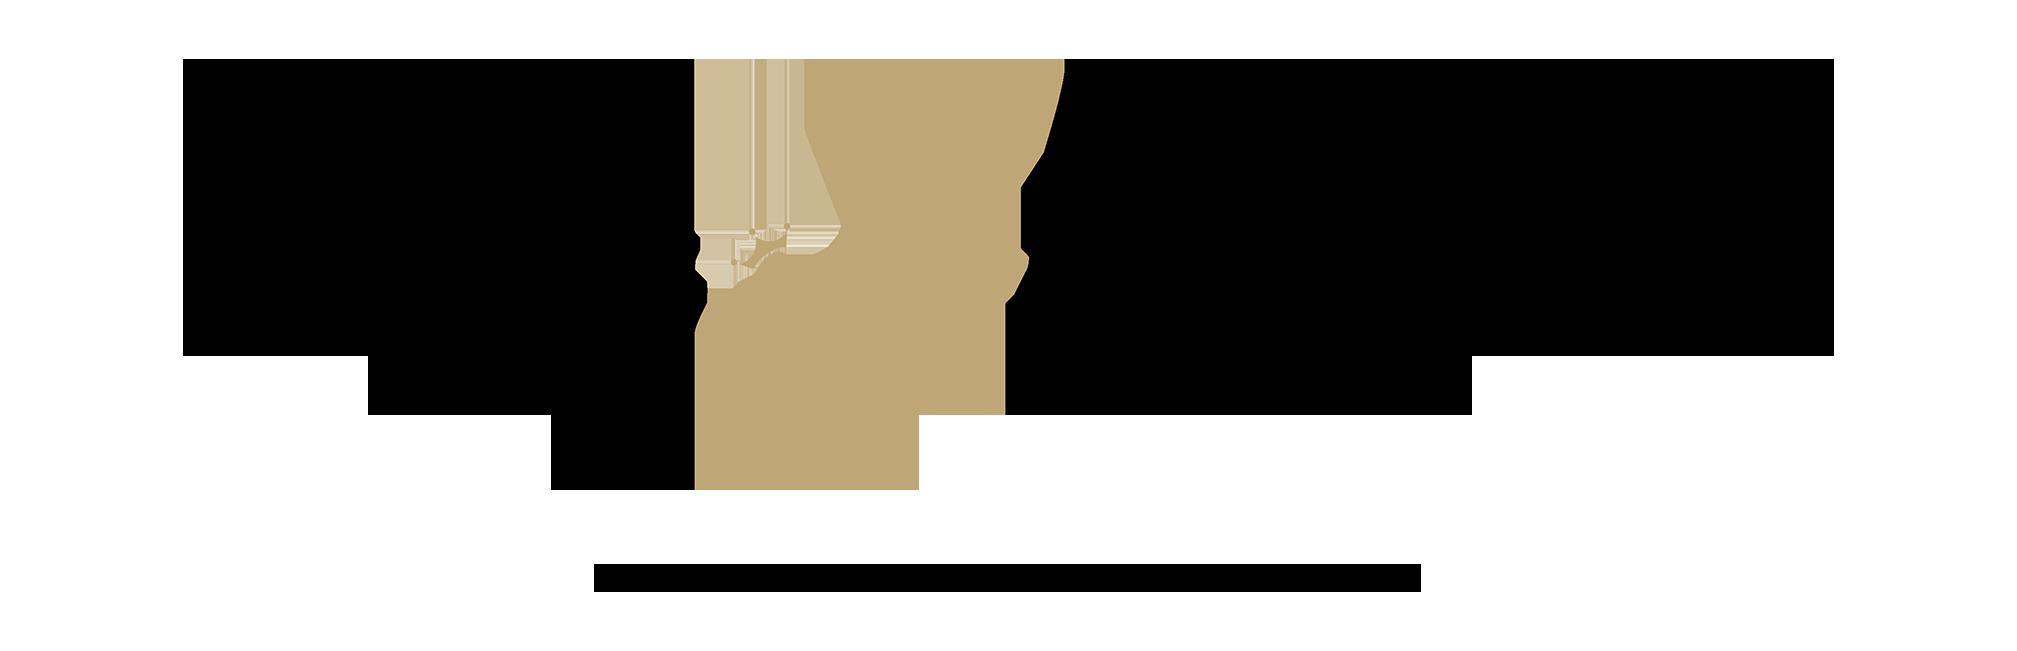 Koh-Logo-1.png